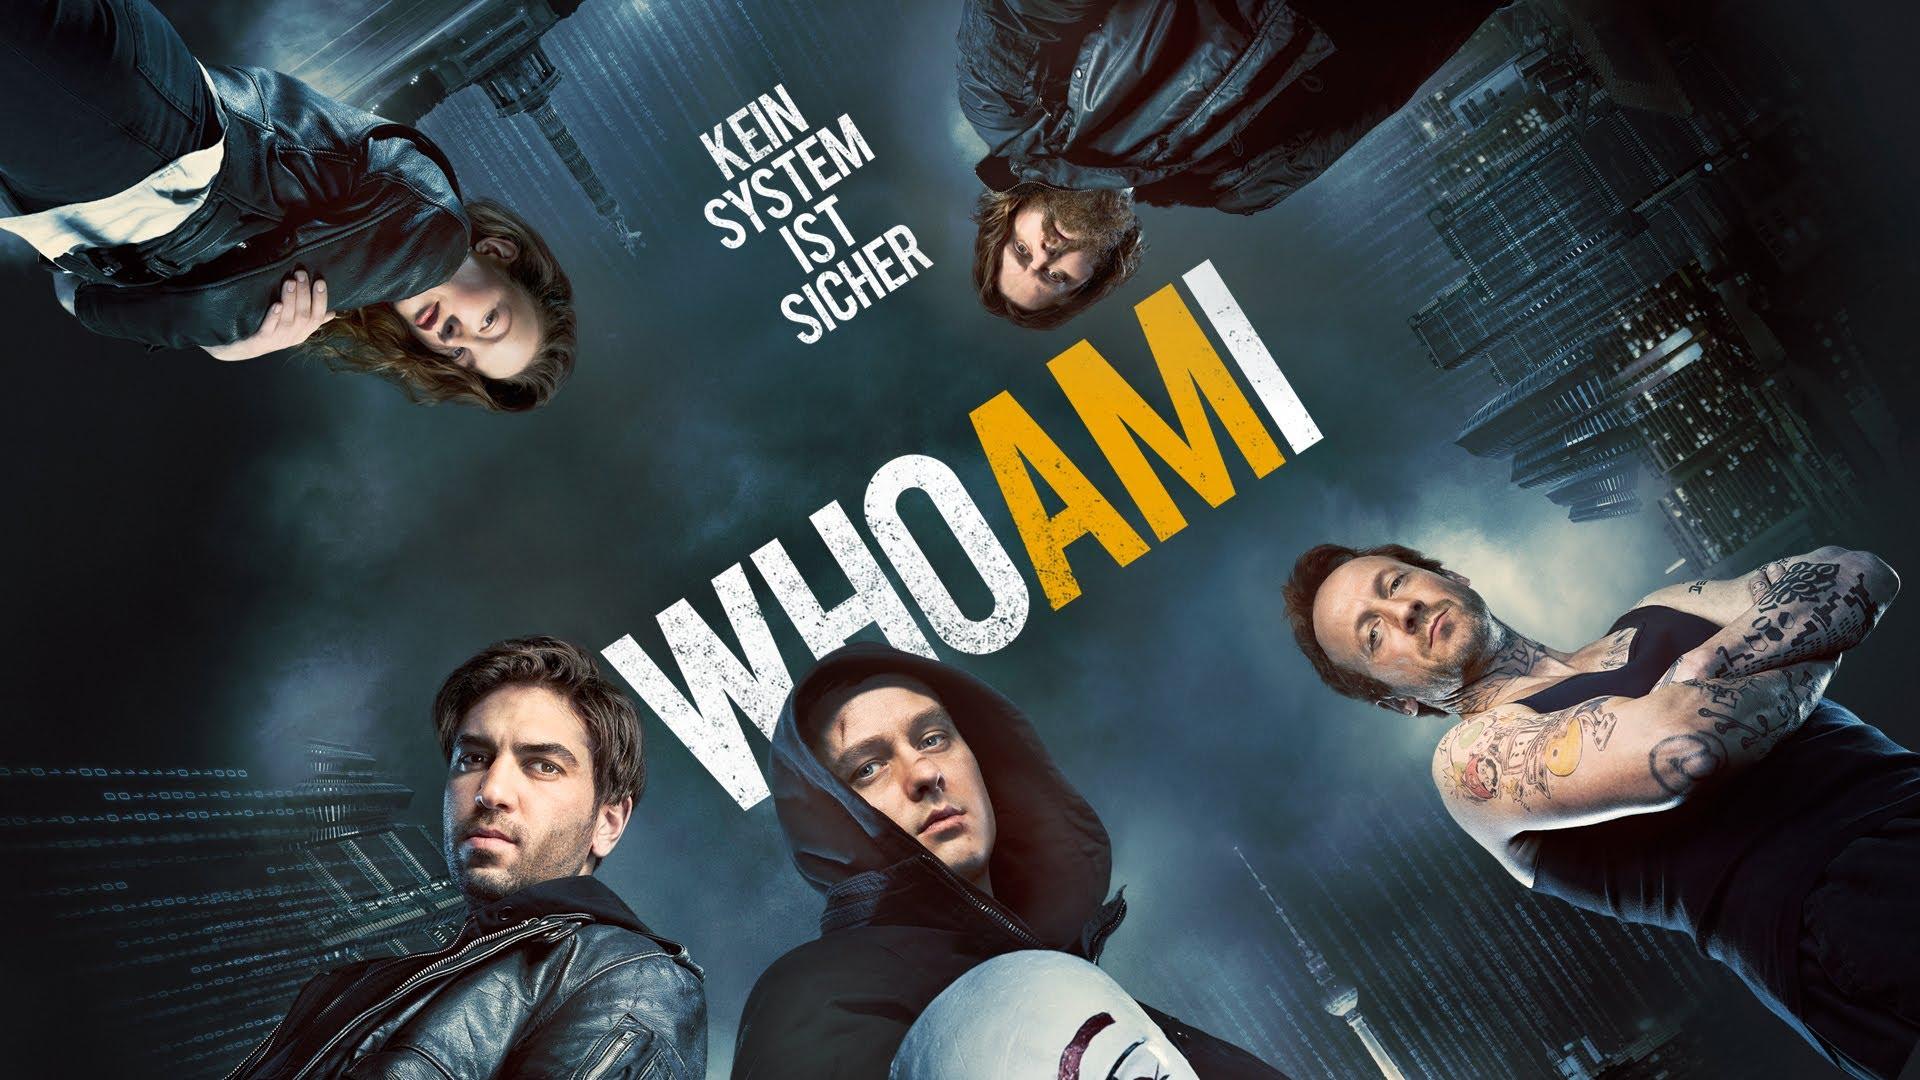 Who Am I  Kein System ist sicher แฮกเกอร์สมองเพชร (2014)